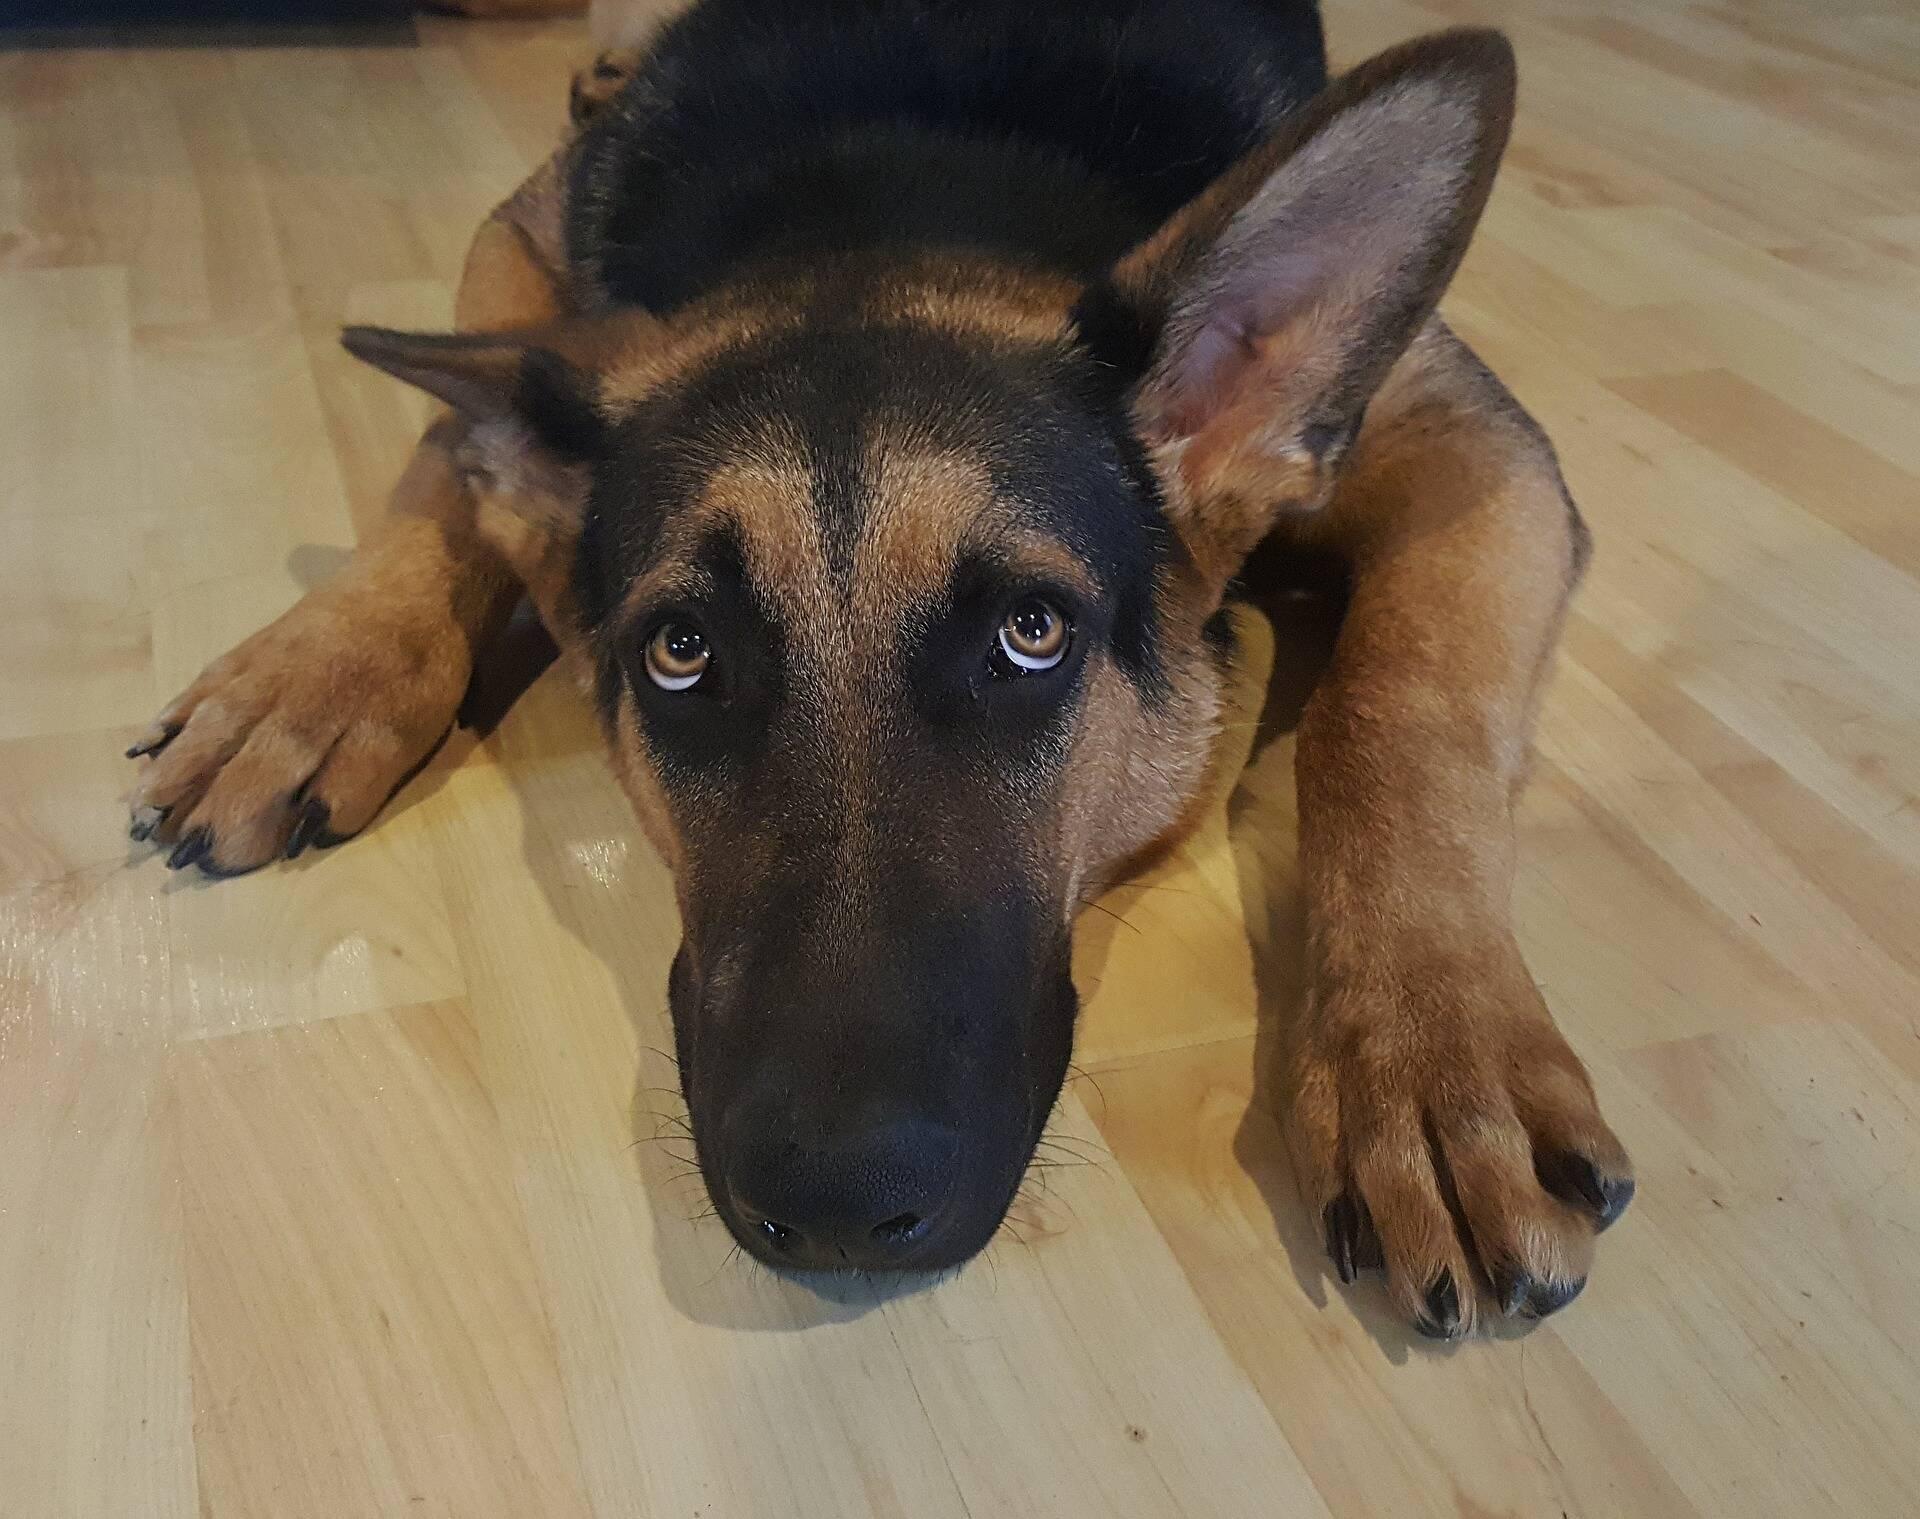 Maus-tratos contra animais: quem maltratar cães e gatos pode pegar até cinco anos de prisão